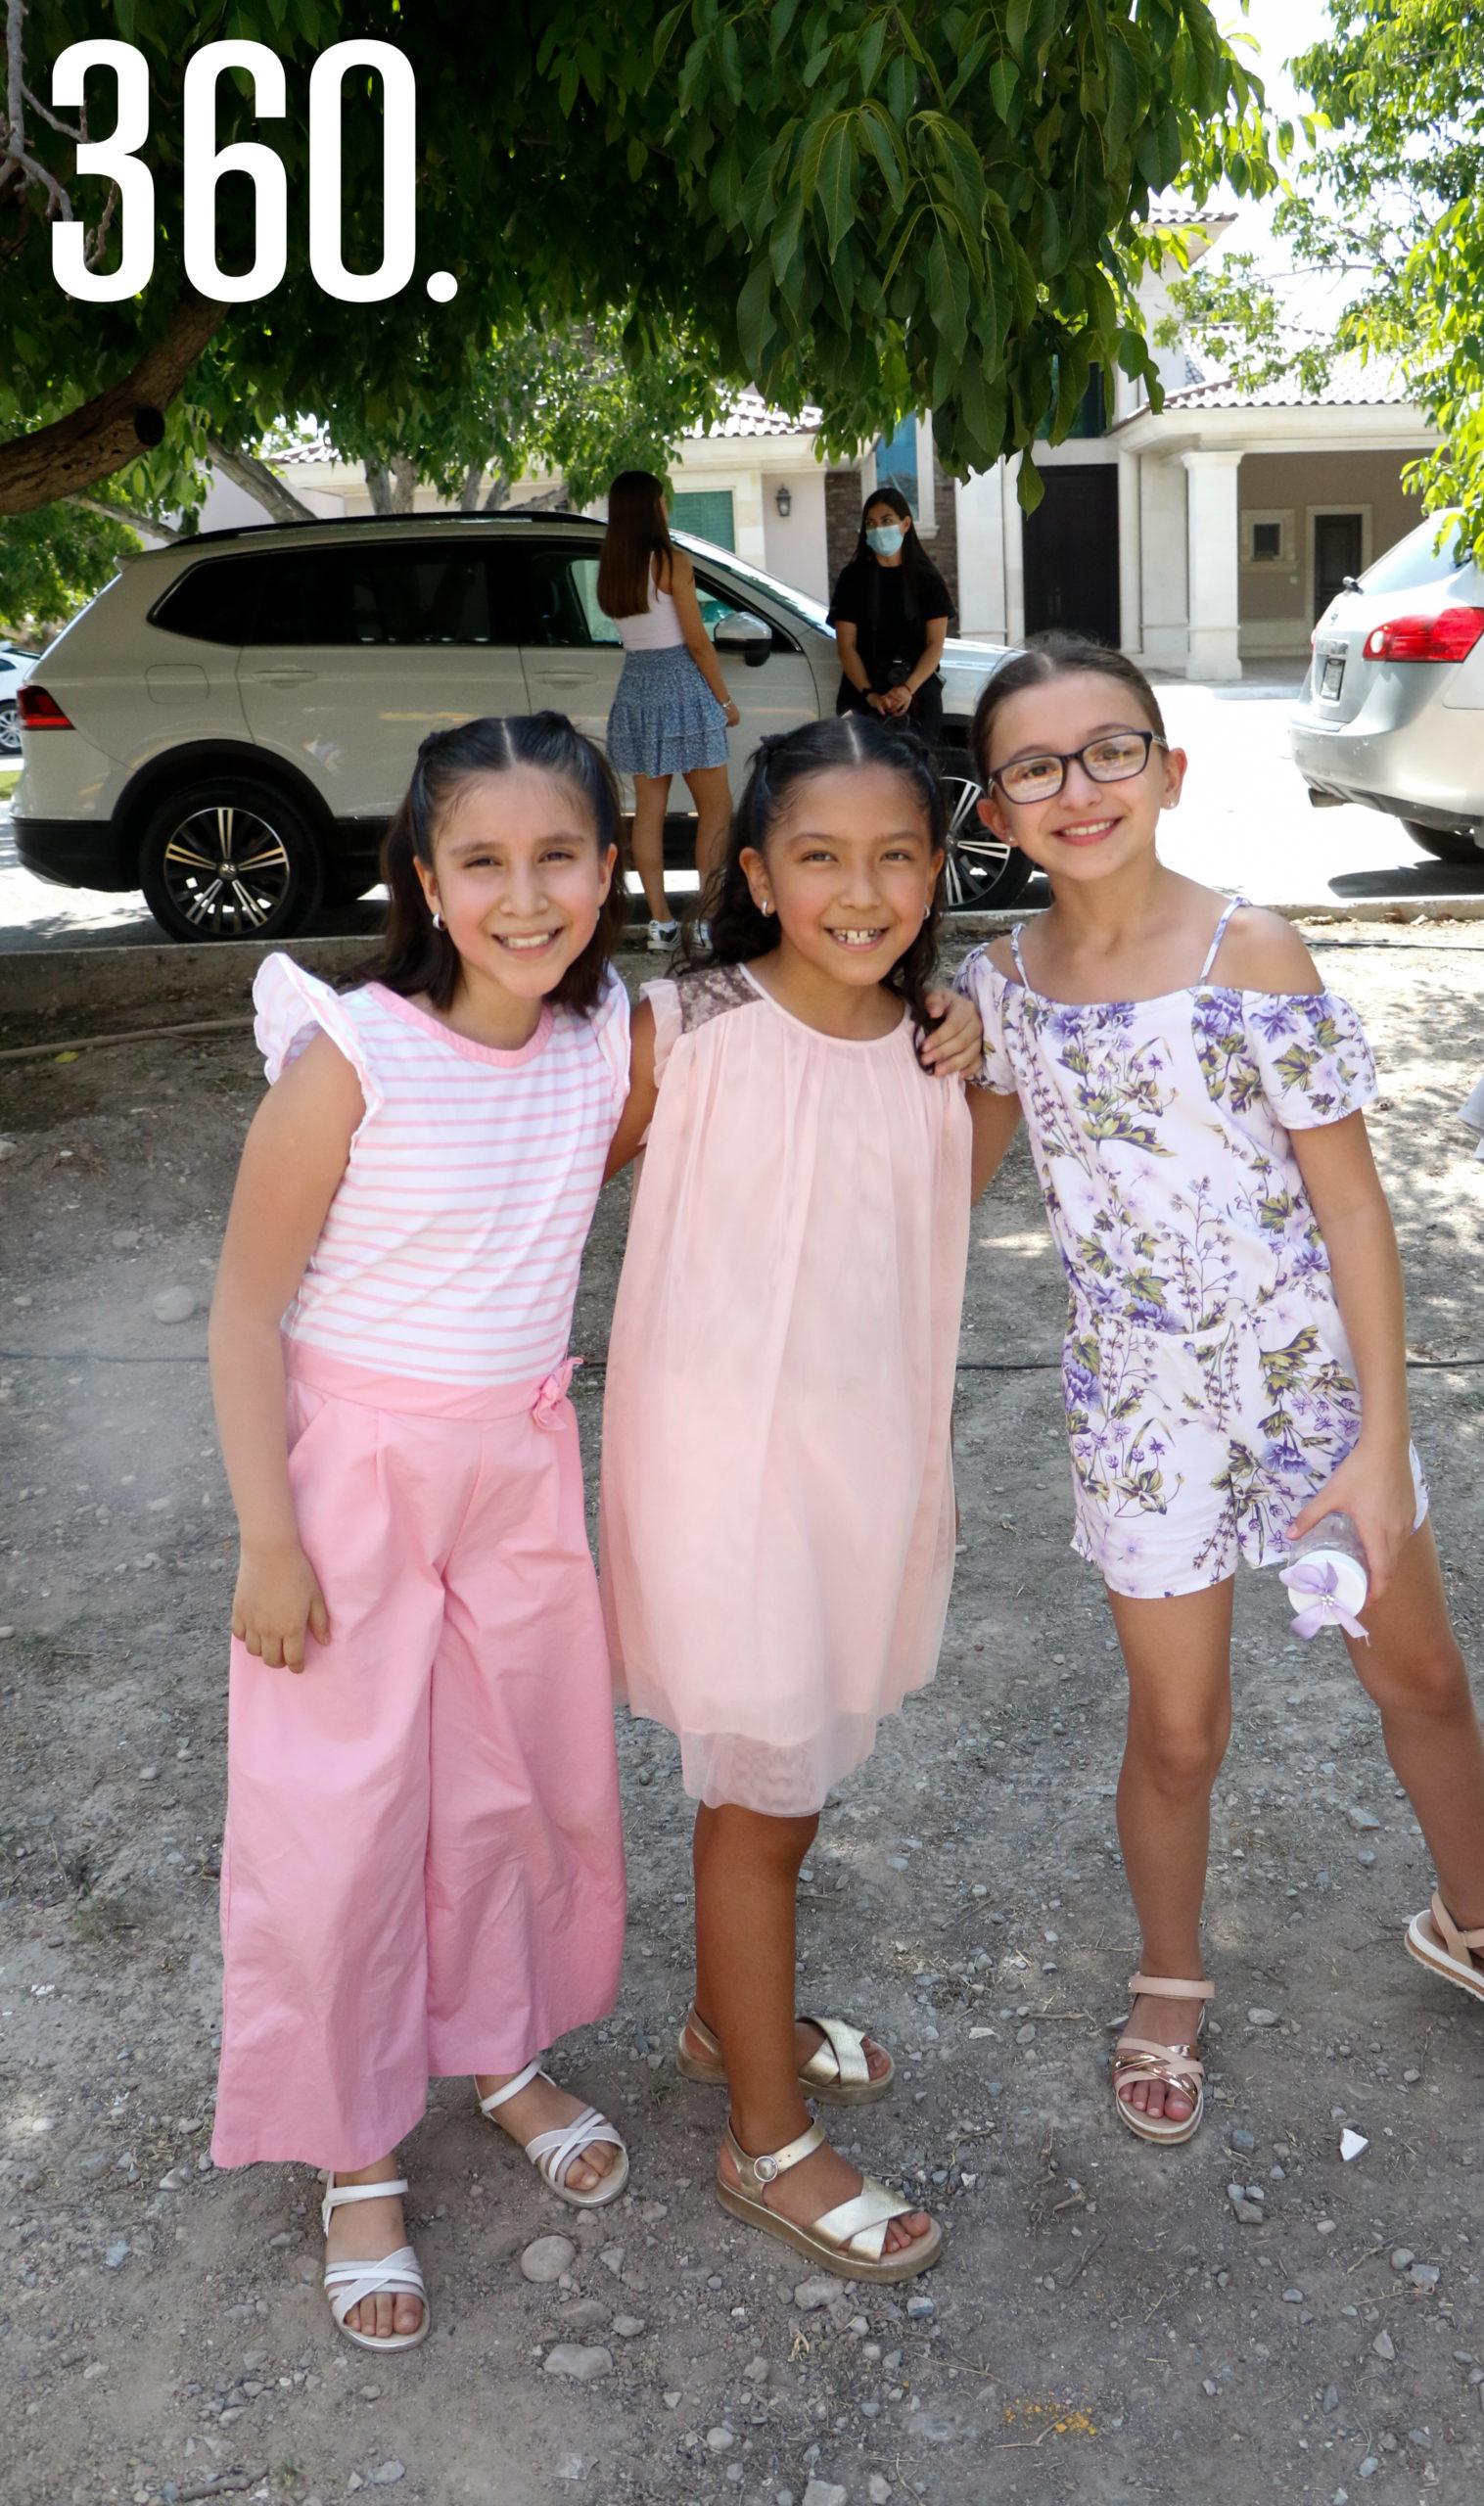 Ana Victoria Pérez, Natalia Coronado y María Elizondo.